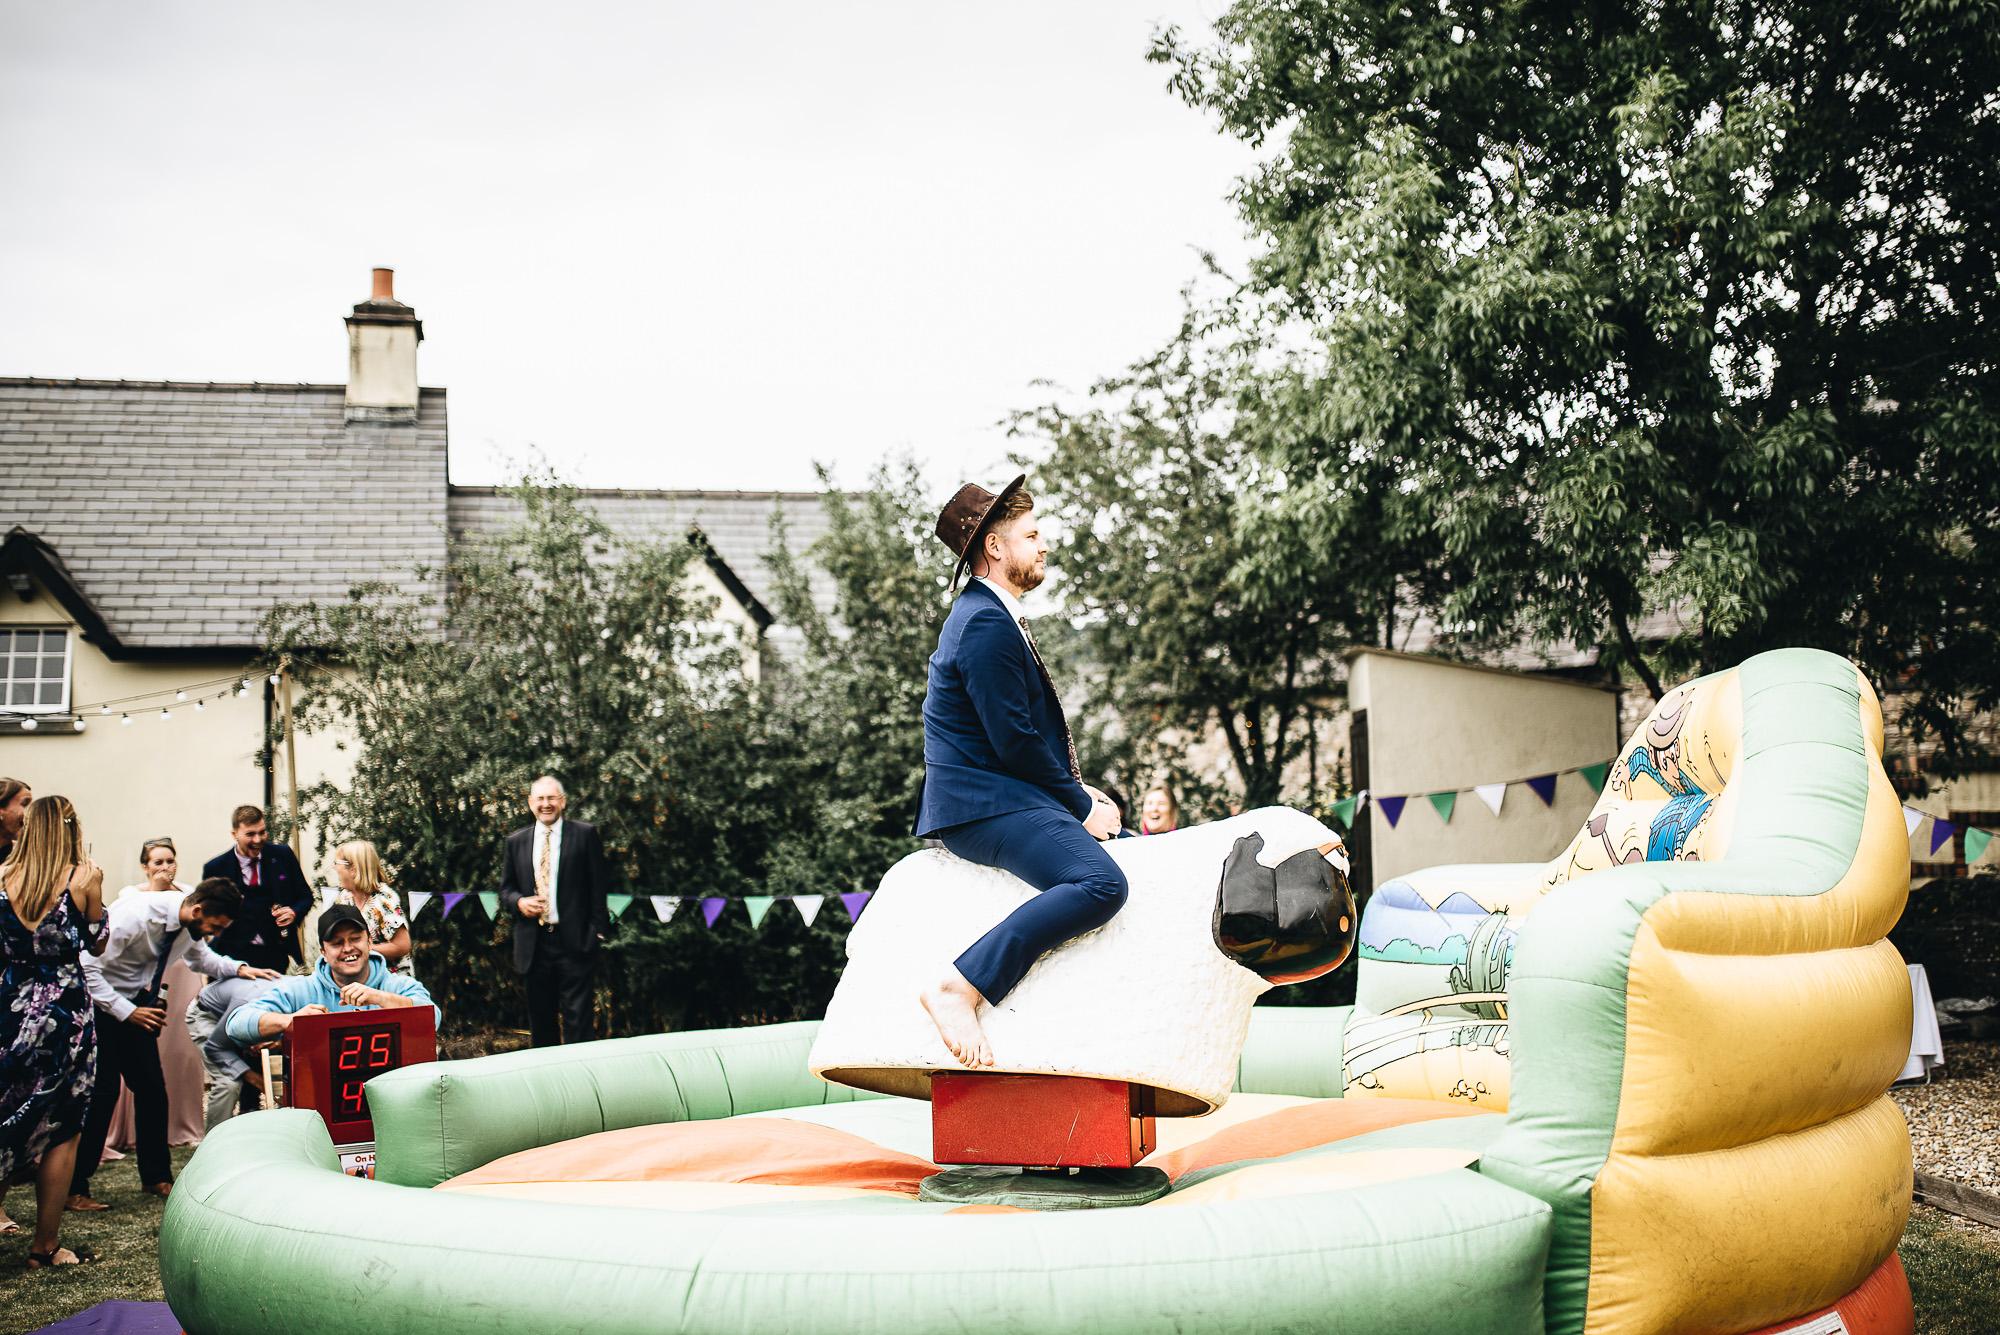 OurBeautifulAdventure-CardiffCastleWedding-Maddie&Joe-WeddingBlog-2576.jpg